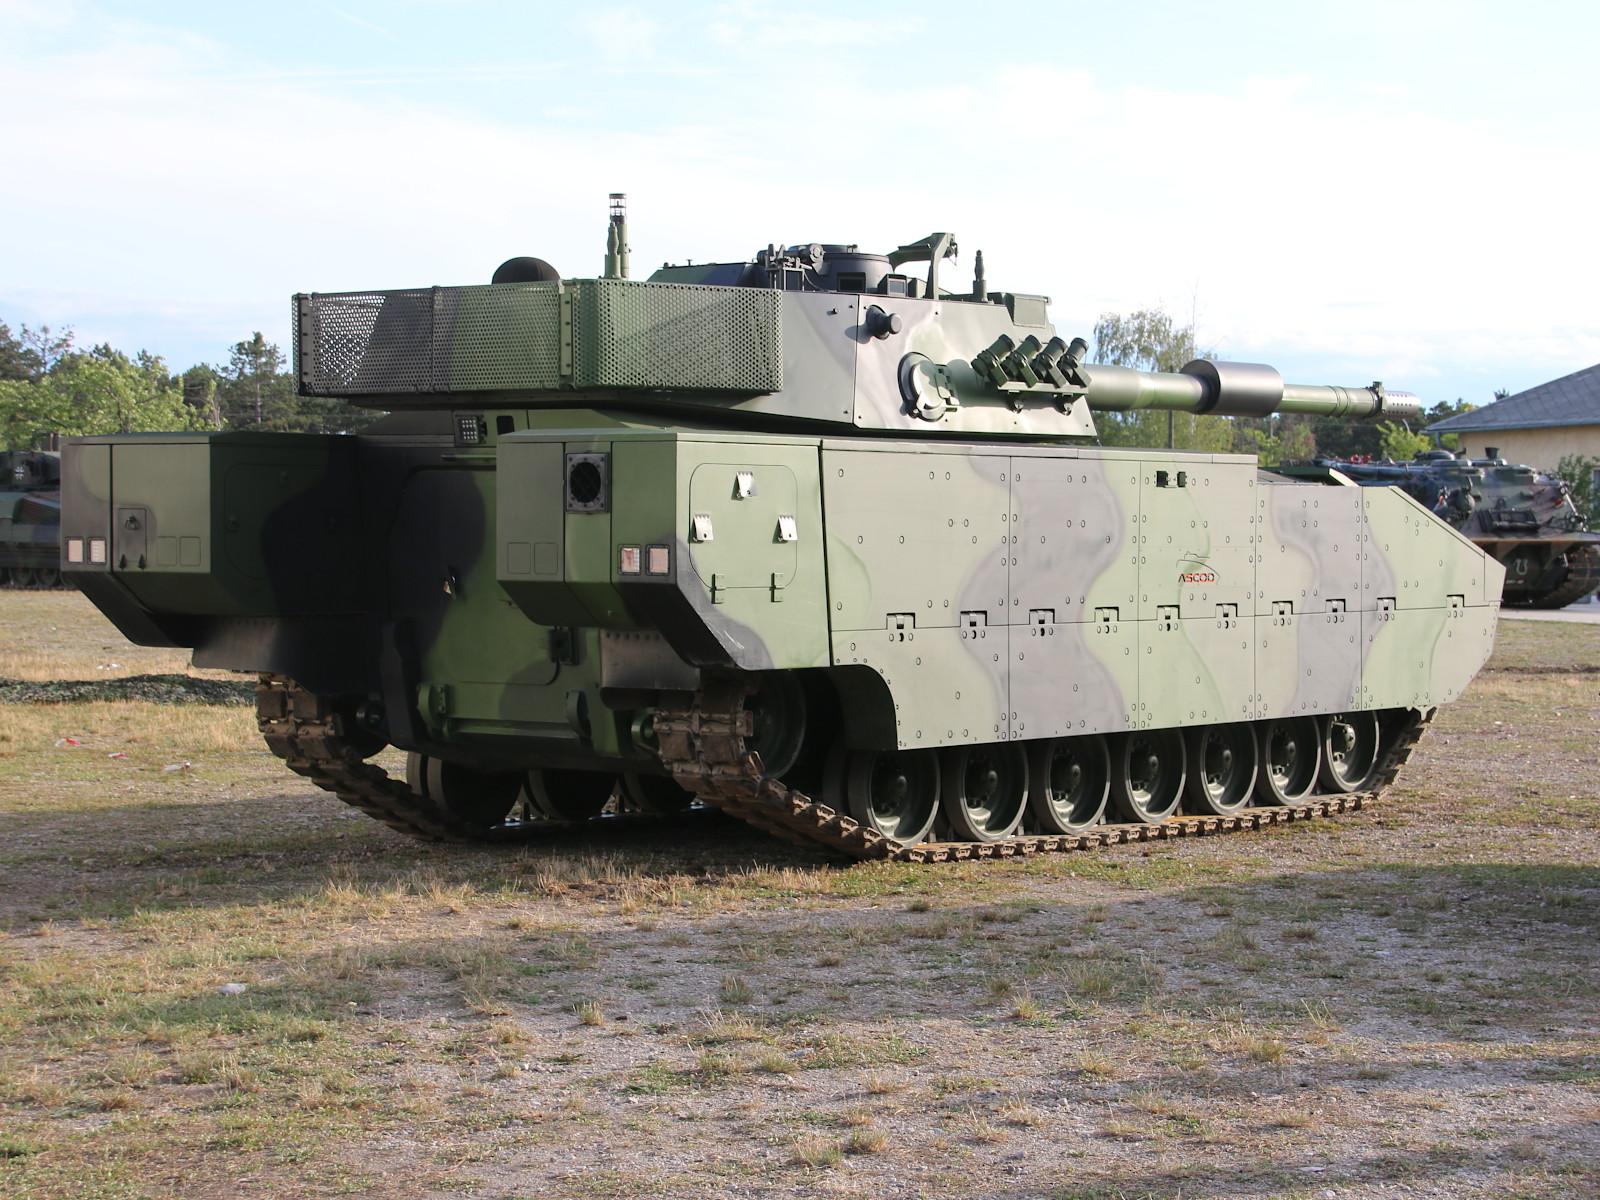 Auf fast der gleichen Basis steht der neue ASCOD Schützenpanzer © Doppeladler.com